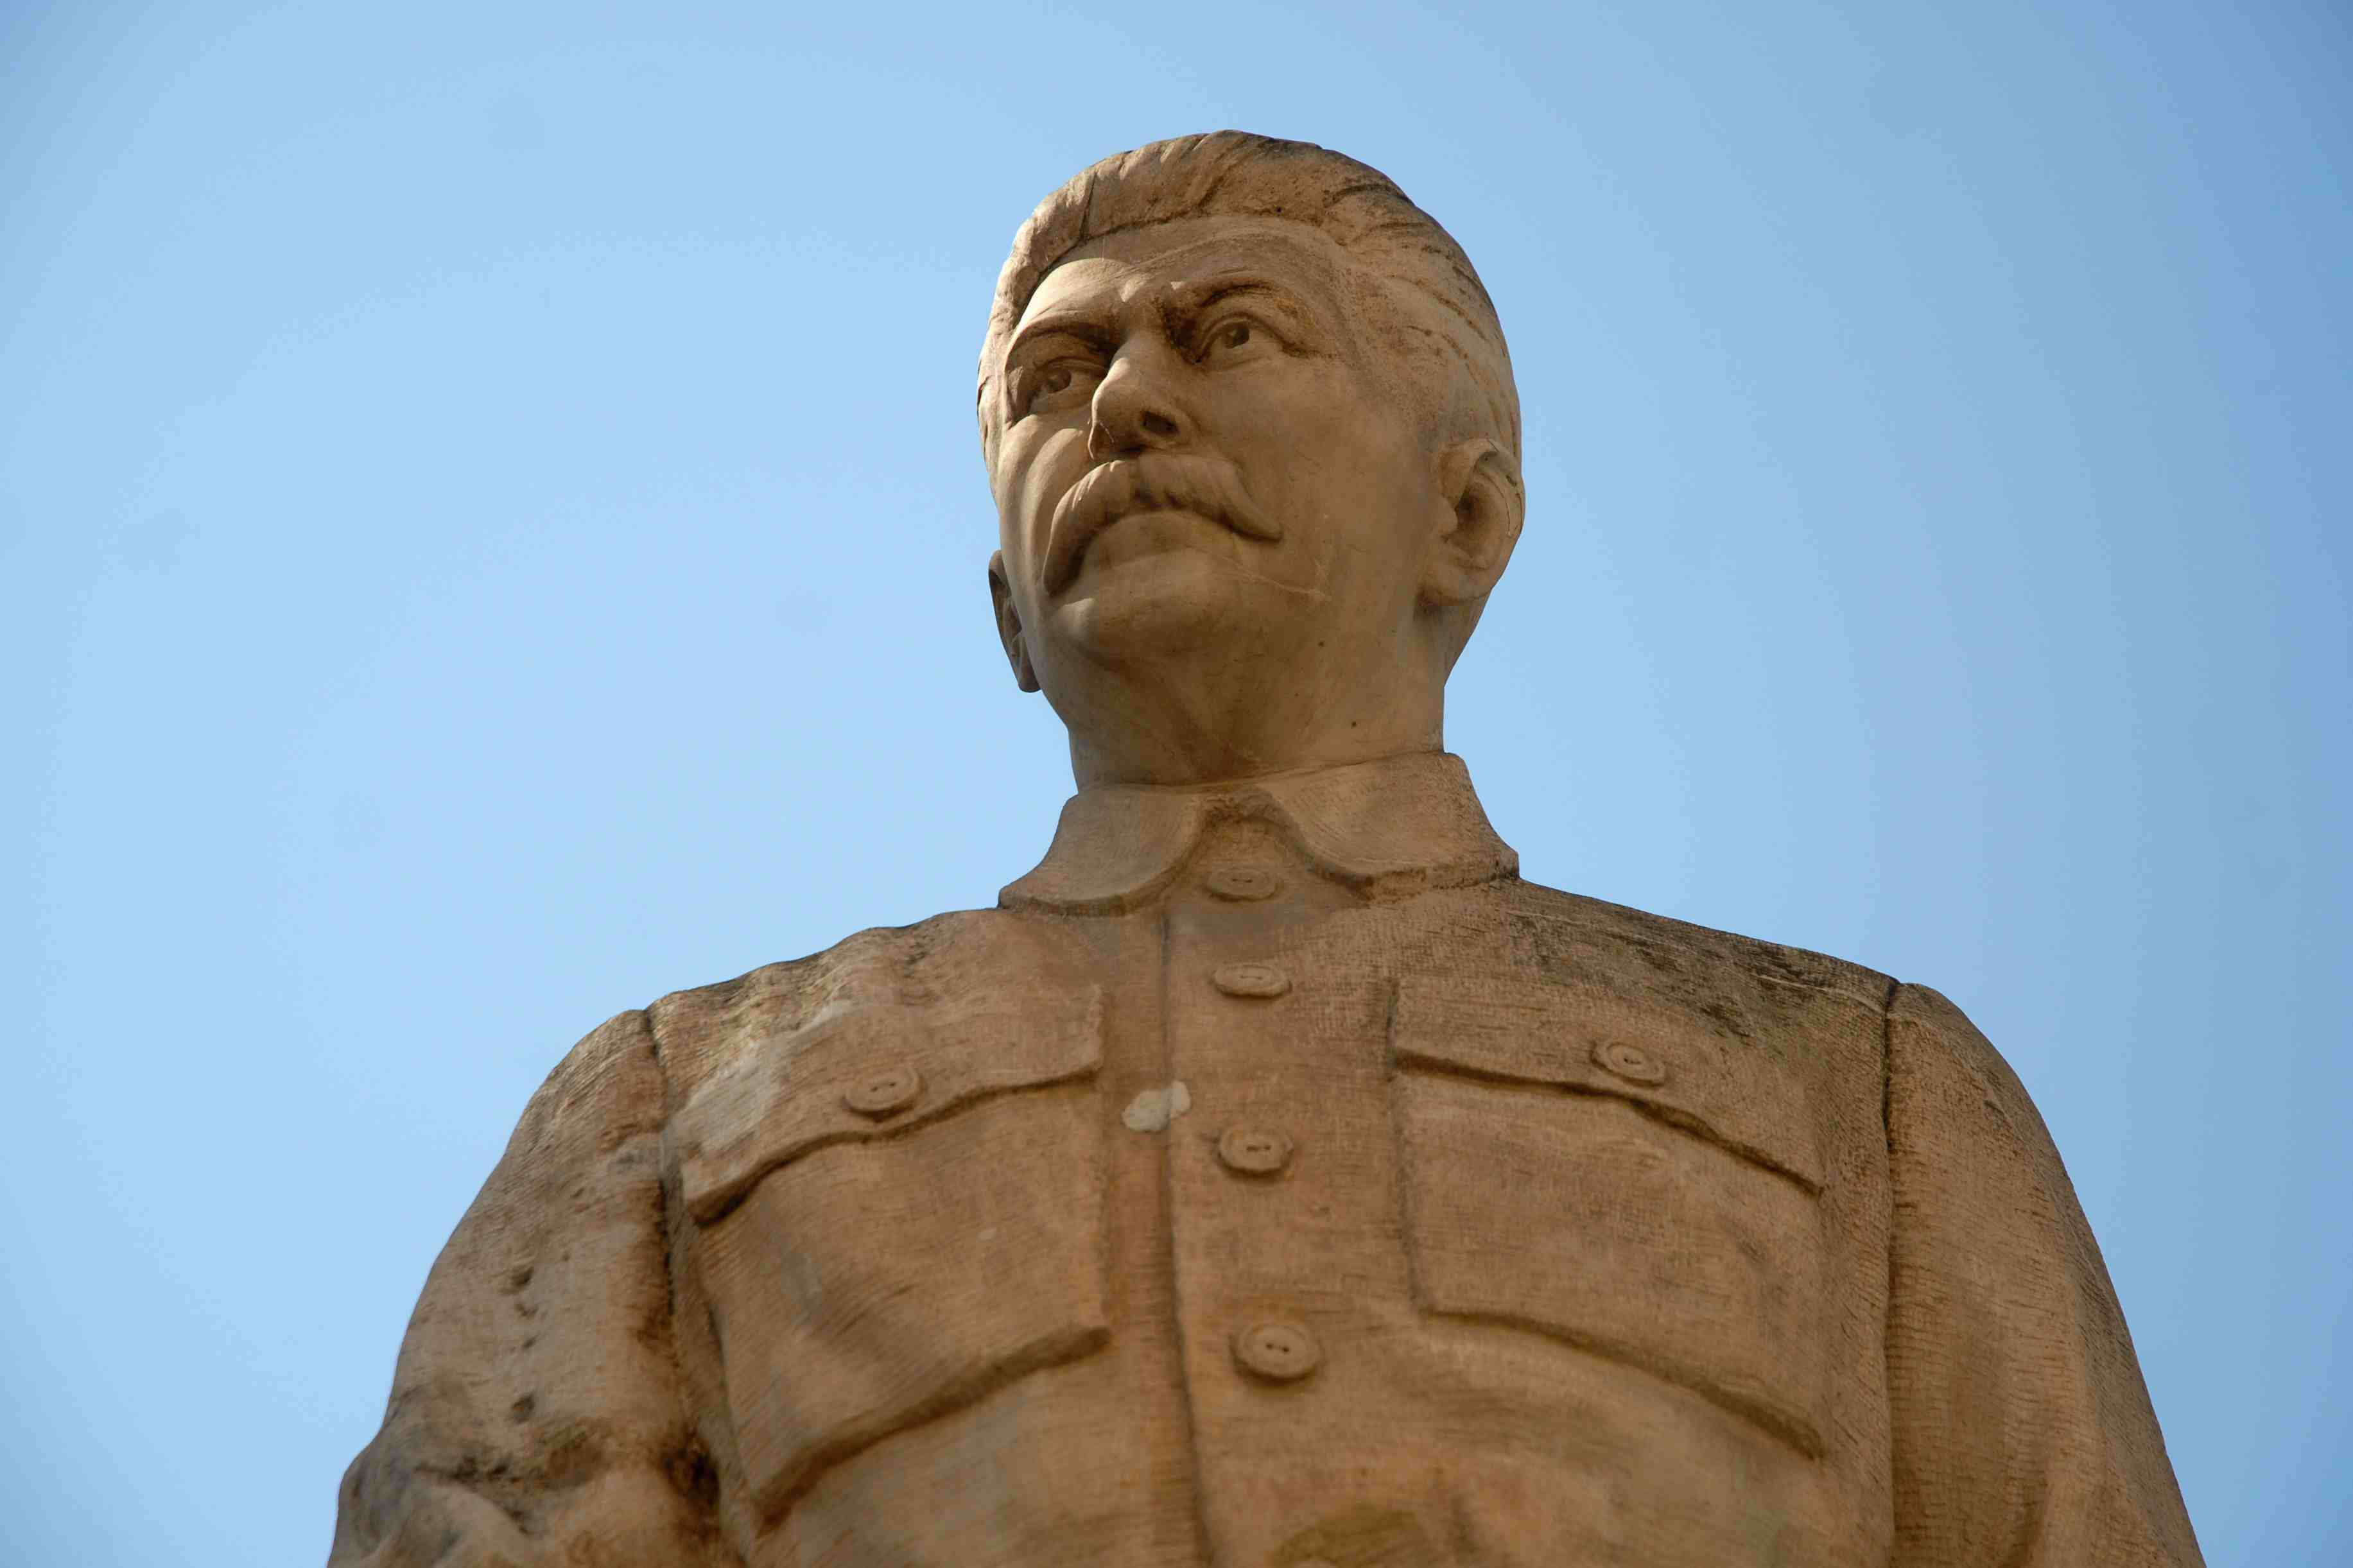 Stalin Statue in Gori, Georgia